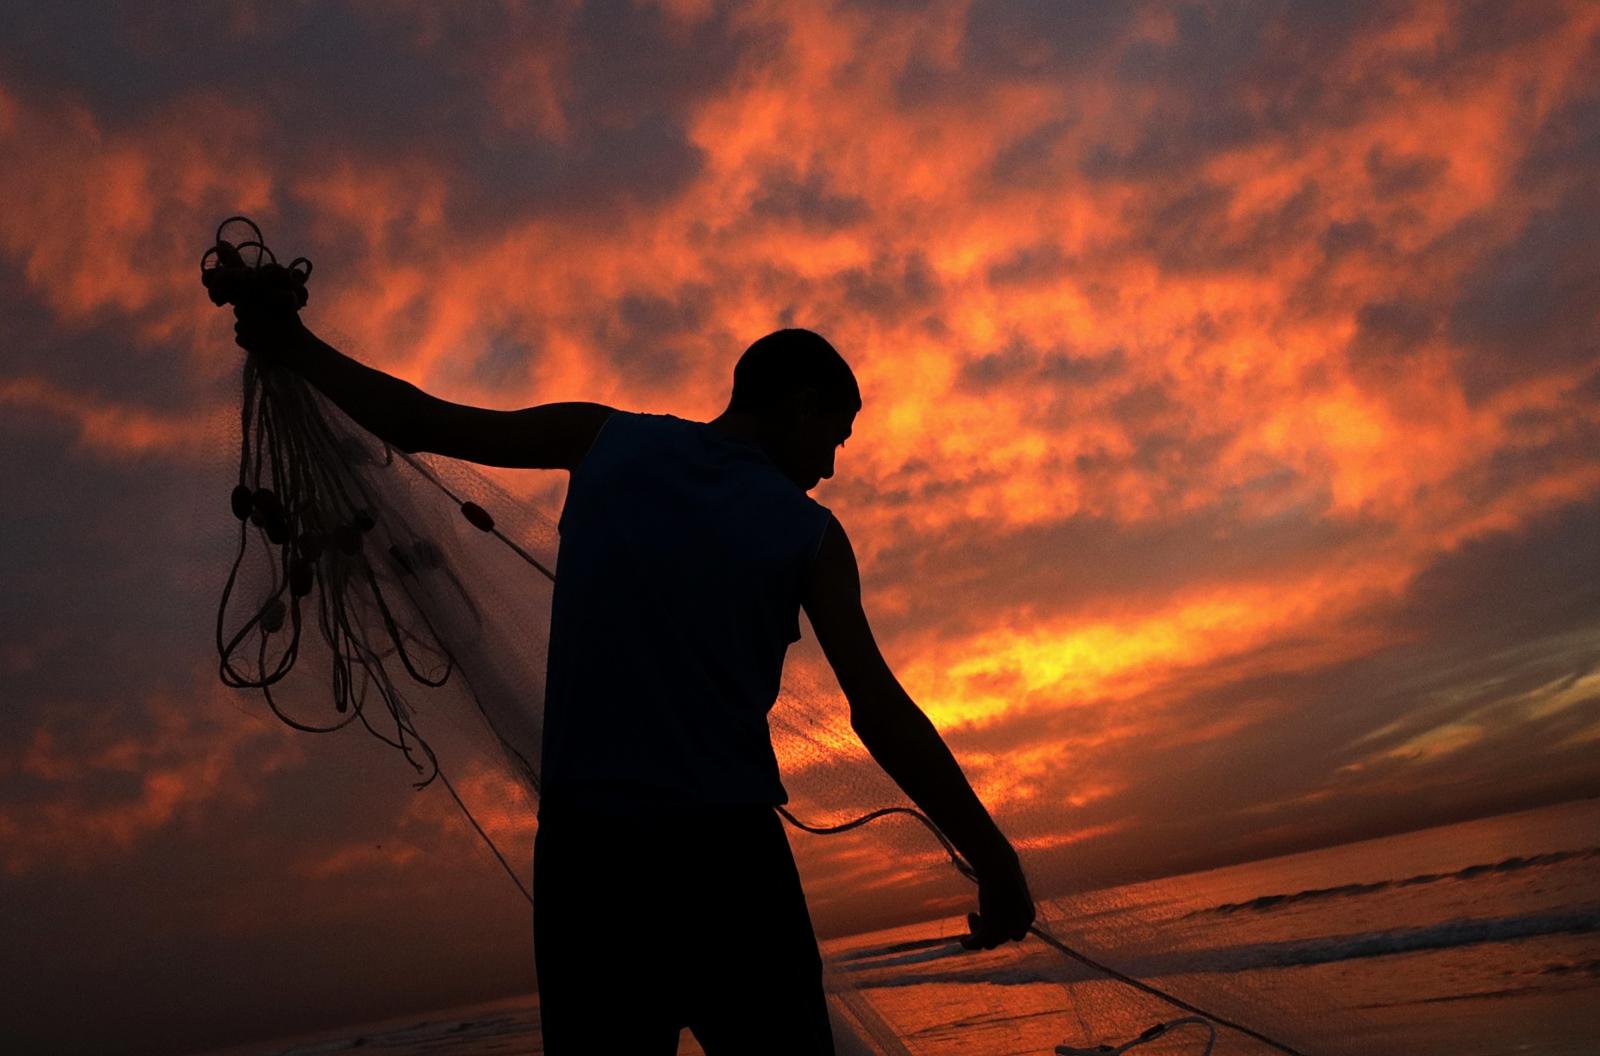 Palestyna. Rybak o wschodzie słońca. fot. EPA/MOHAMMED SABER